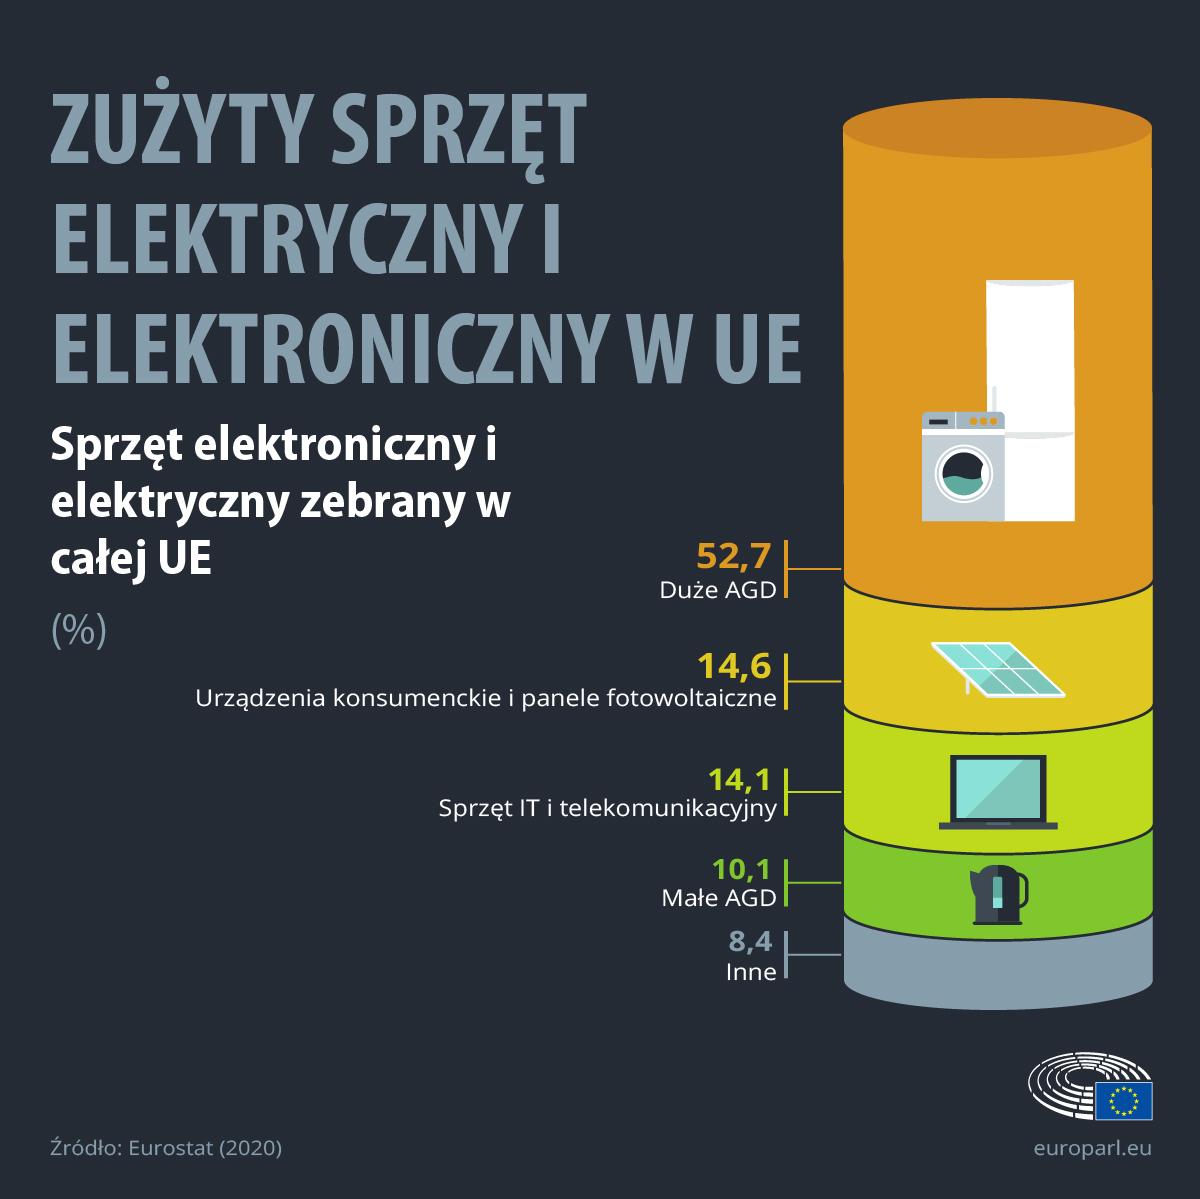 Odsetek poszczególnych rodzajów urządzeń w e-odpadach w UE